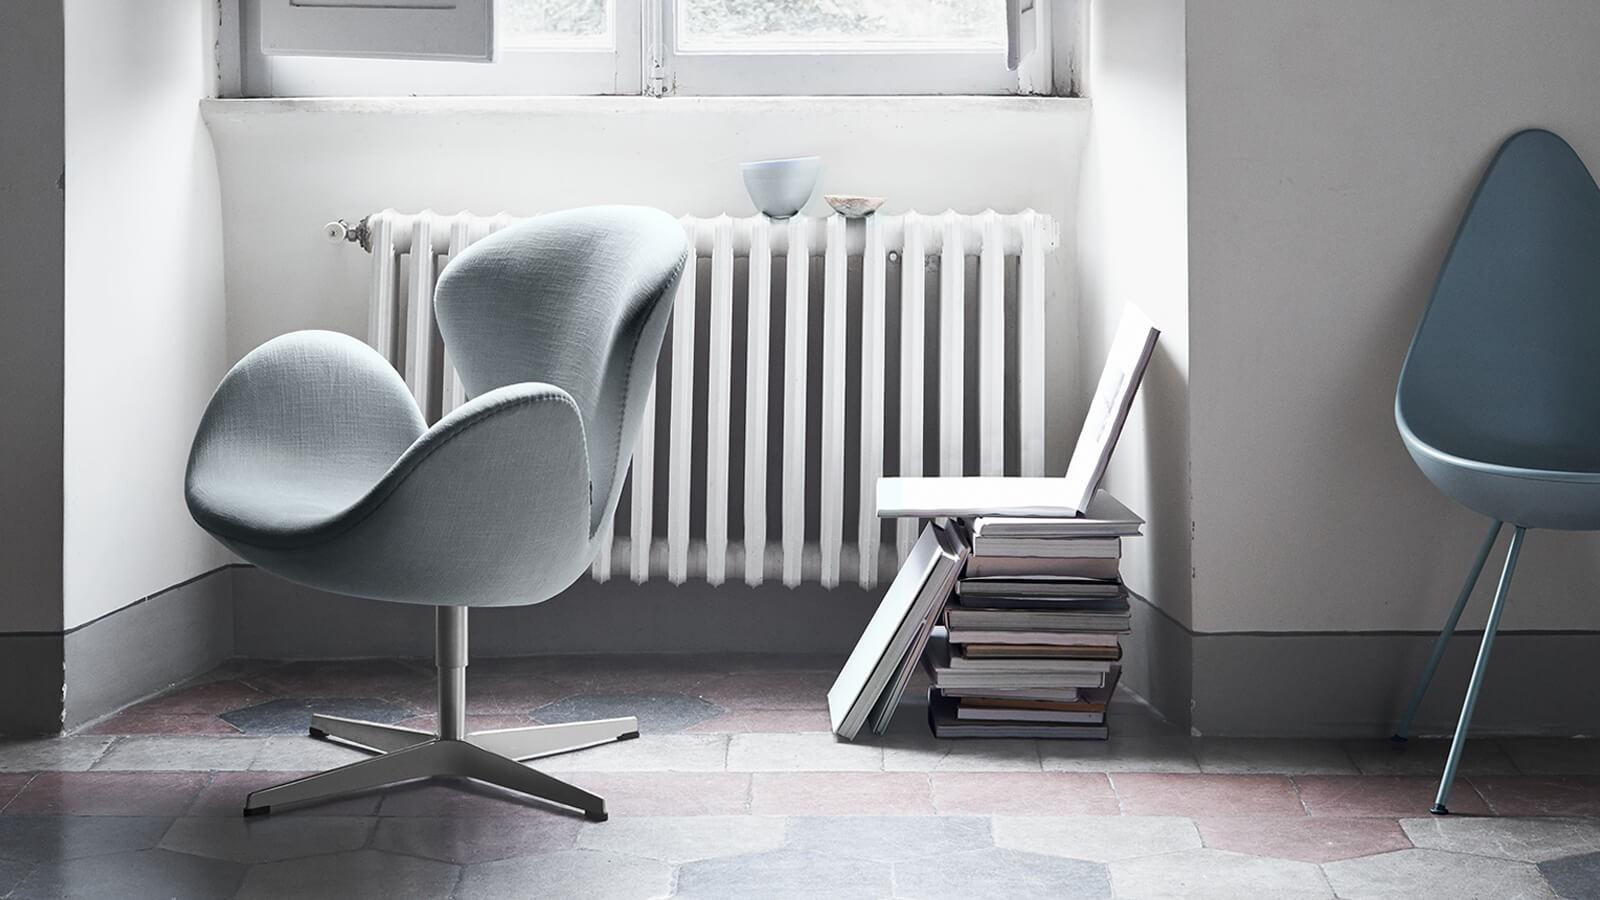 Swan chair aj dnes výborne zapadá do ľubovoľného priestoru.